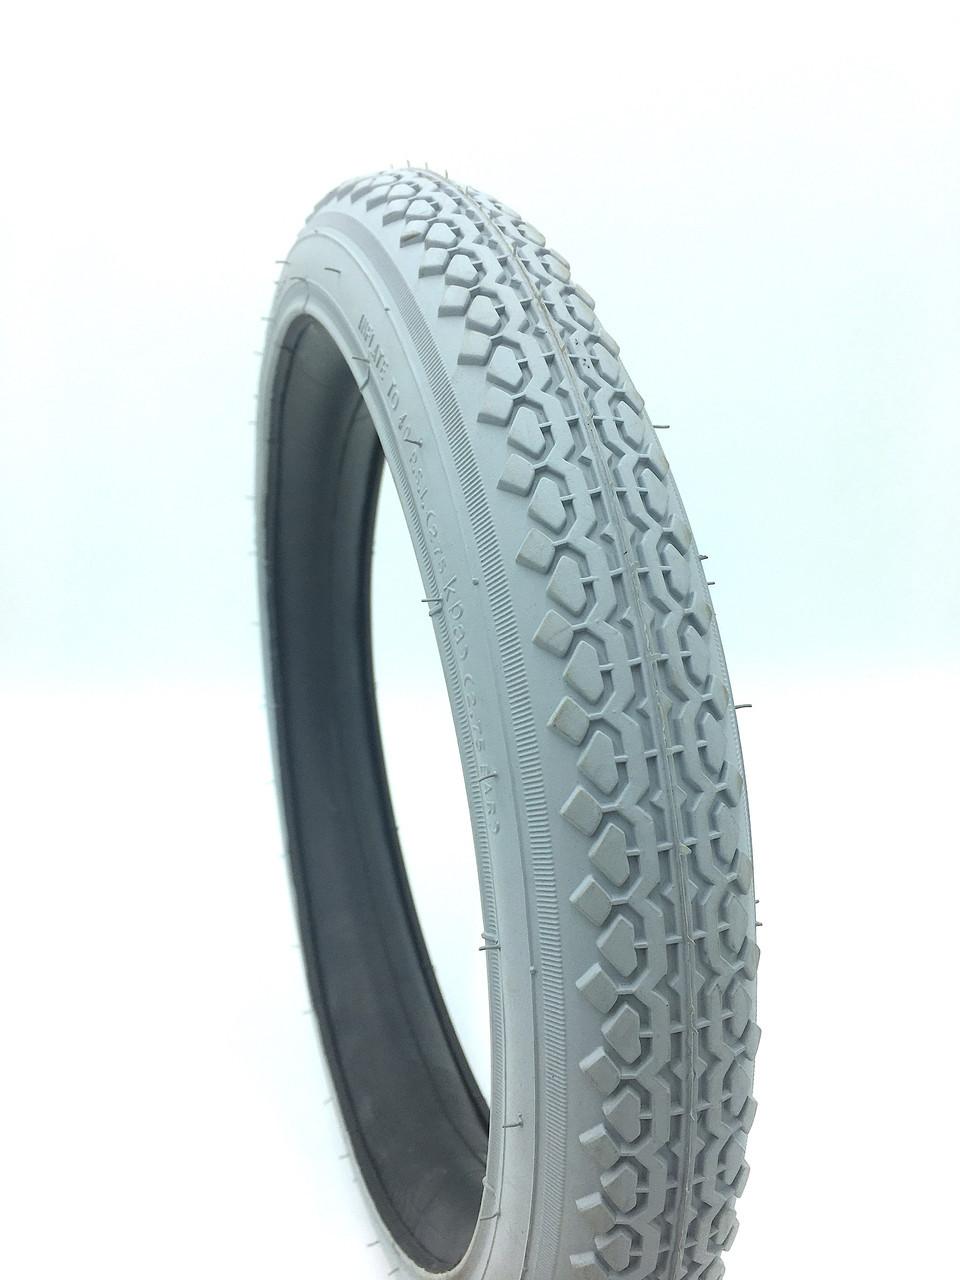 Покрышка 14x1 3/8х1 5/8 (44-288)  серого цвета INNOVA отличного качества